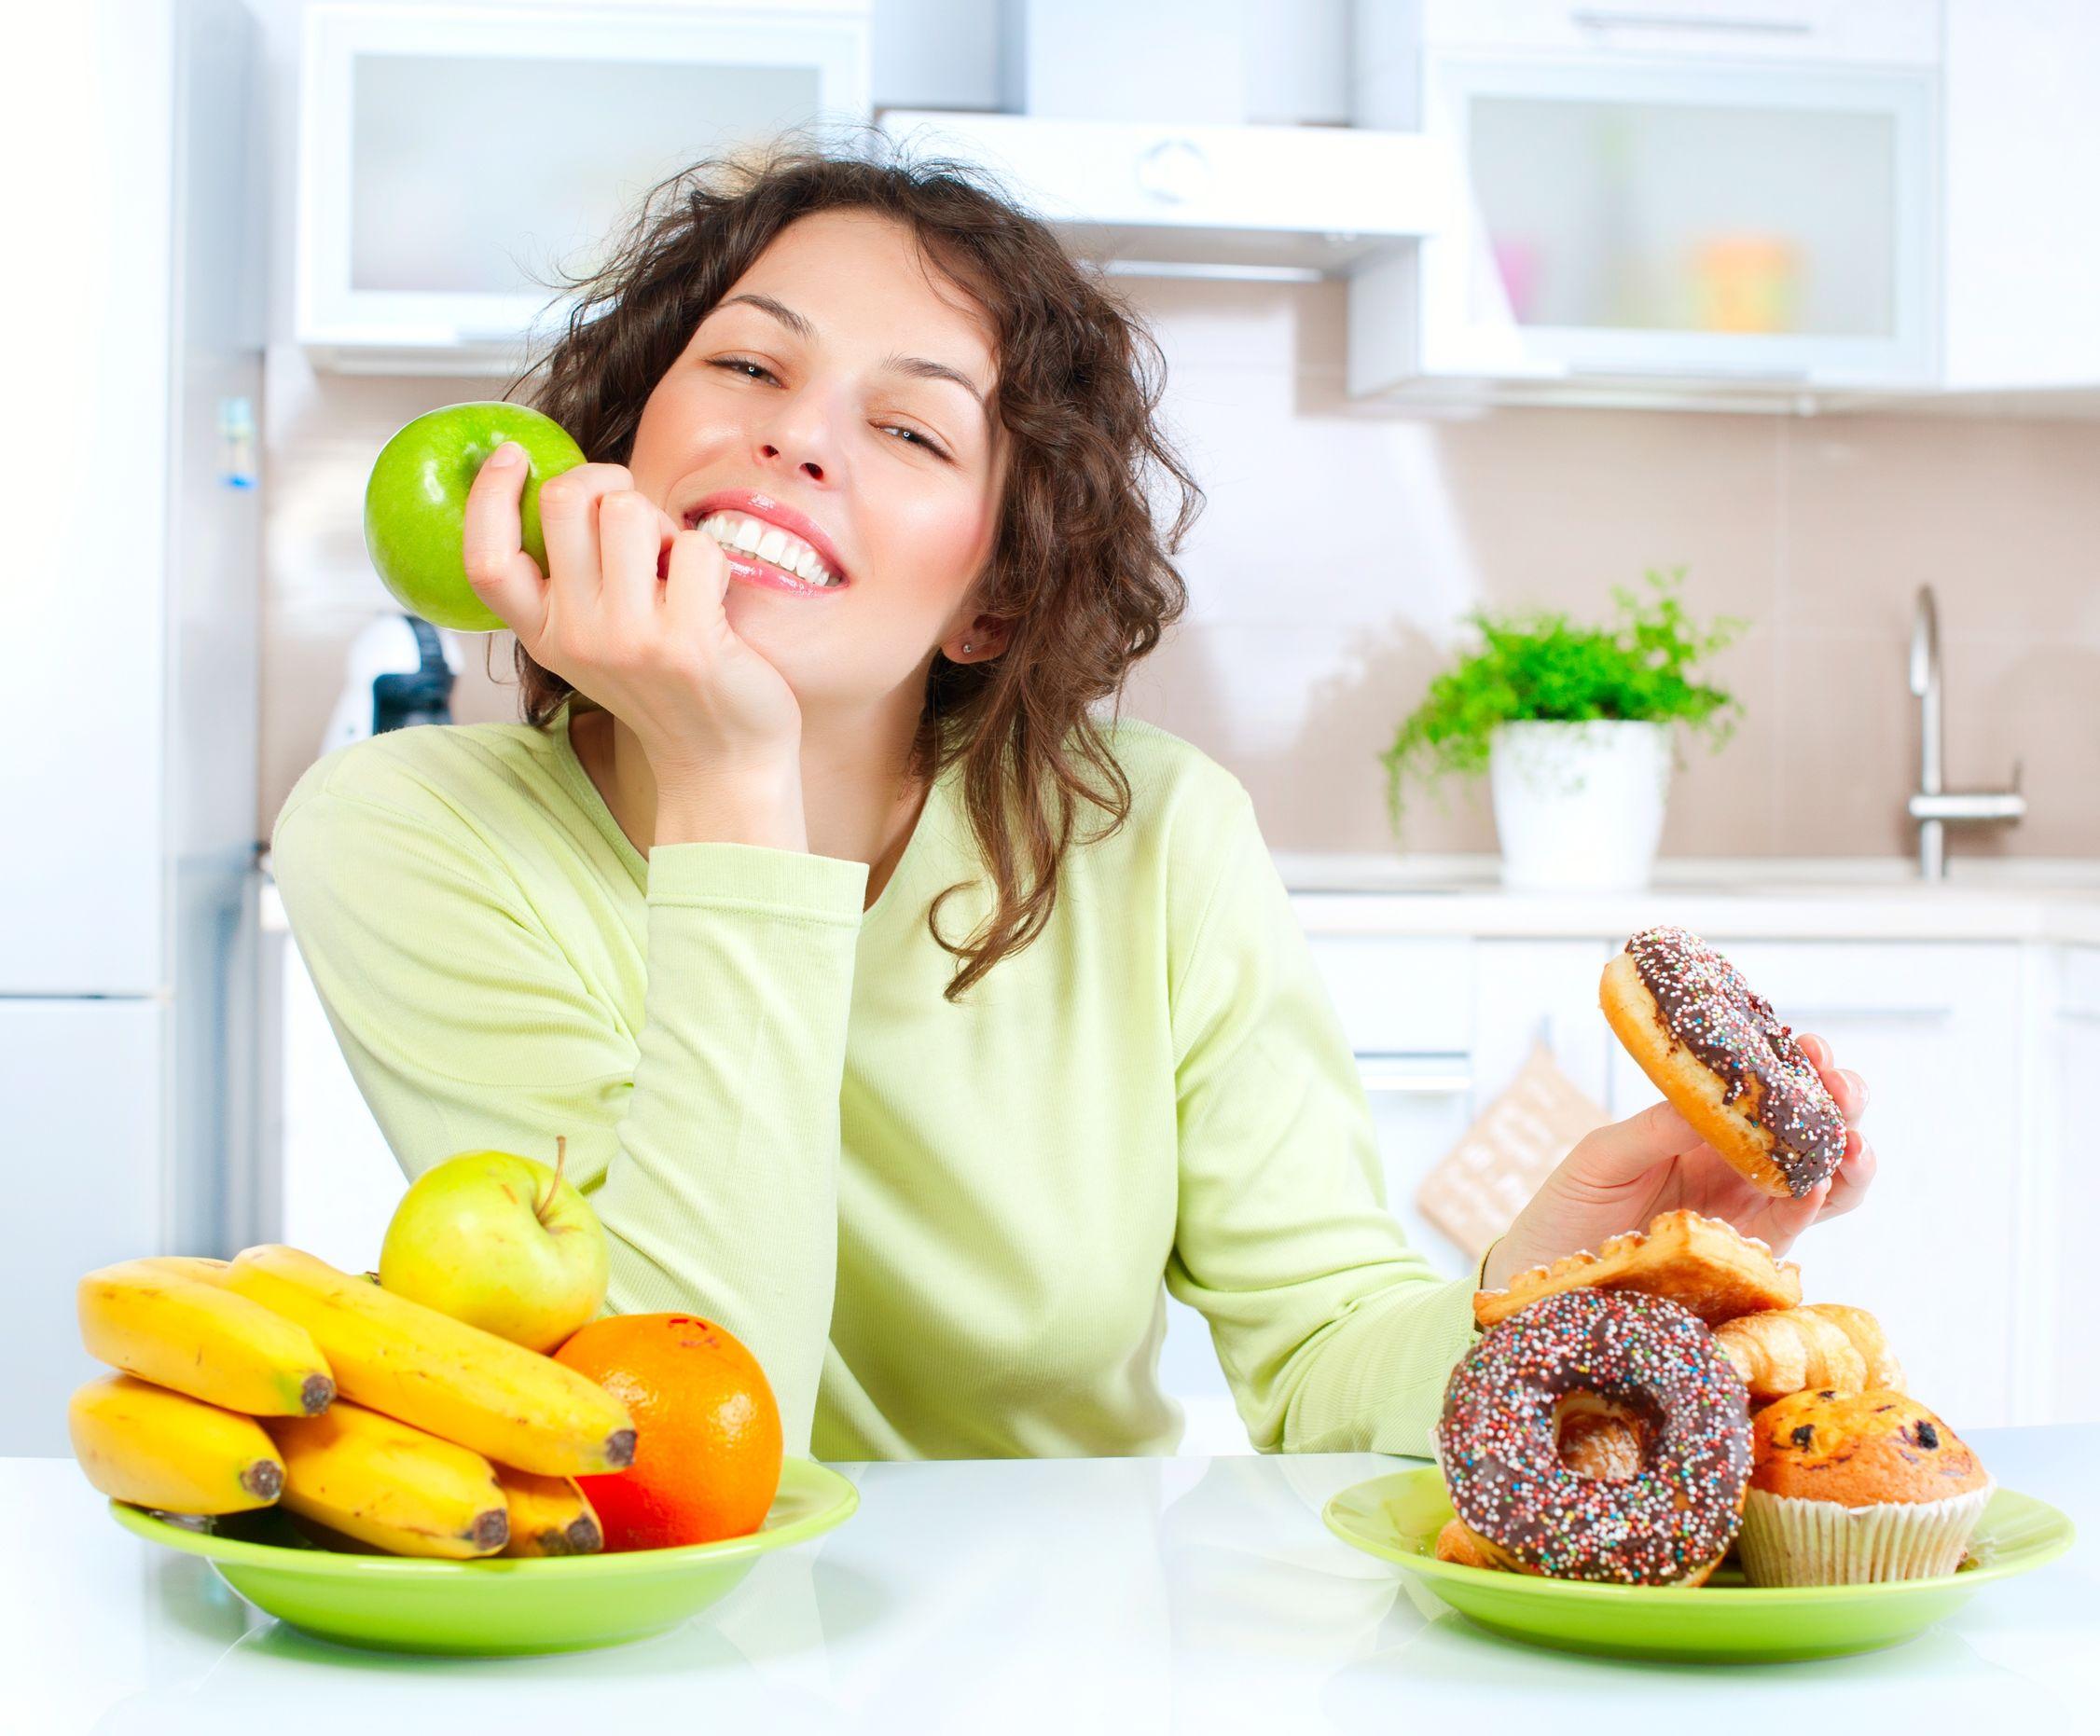 hogyan kell enni a maximális fogyás érdekében